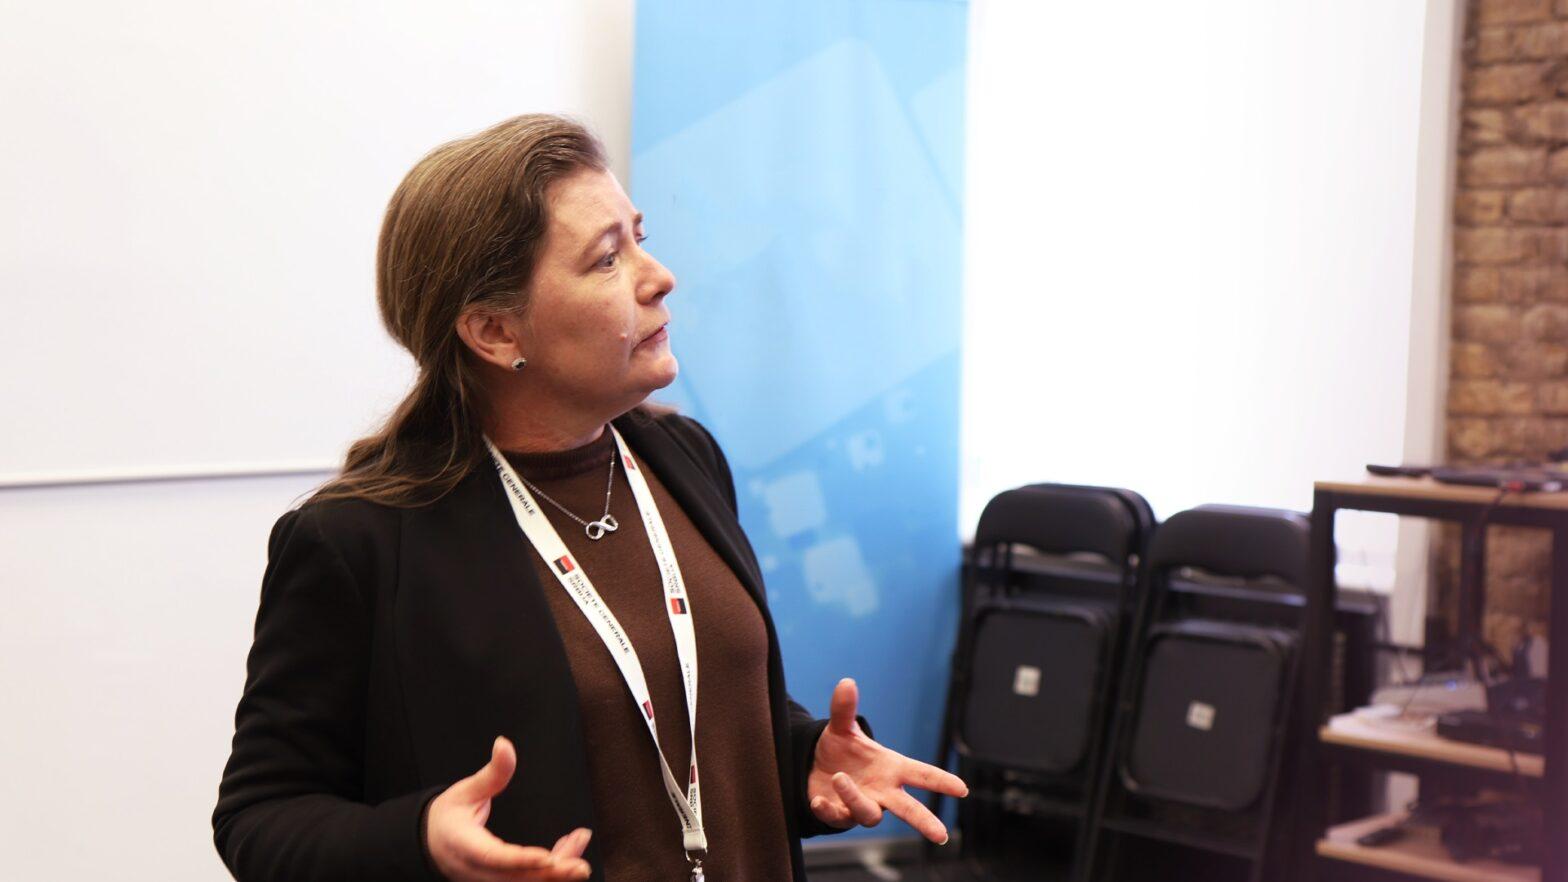 Founder of De Kamer Jeannine van der Linden on Being a Third Generation Entrepreneur